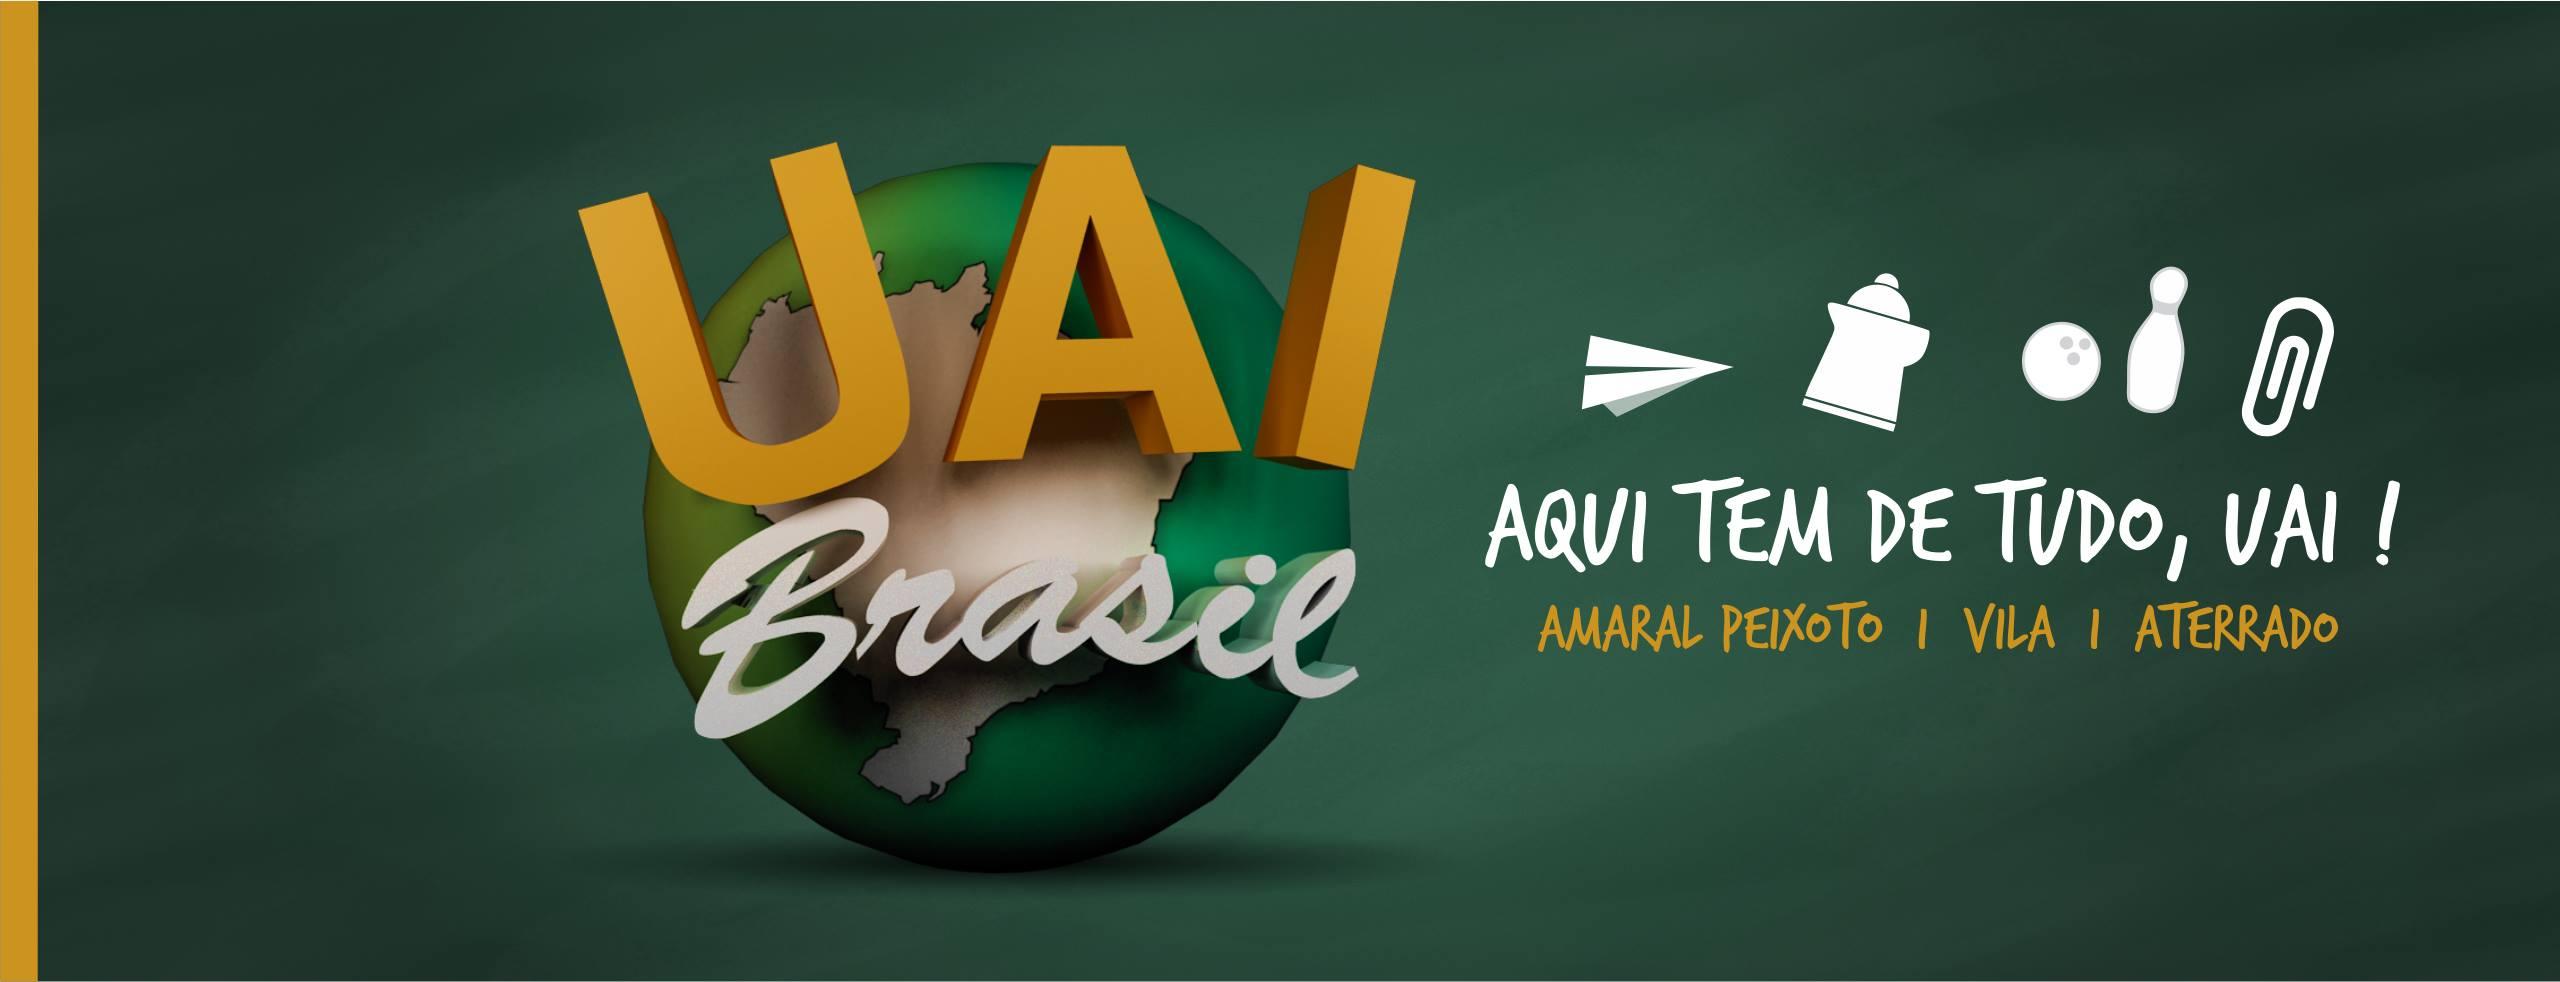 UAI Brasil